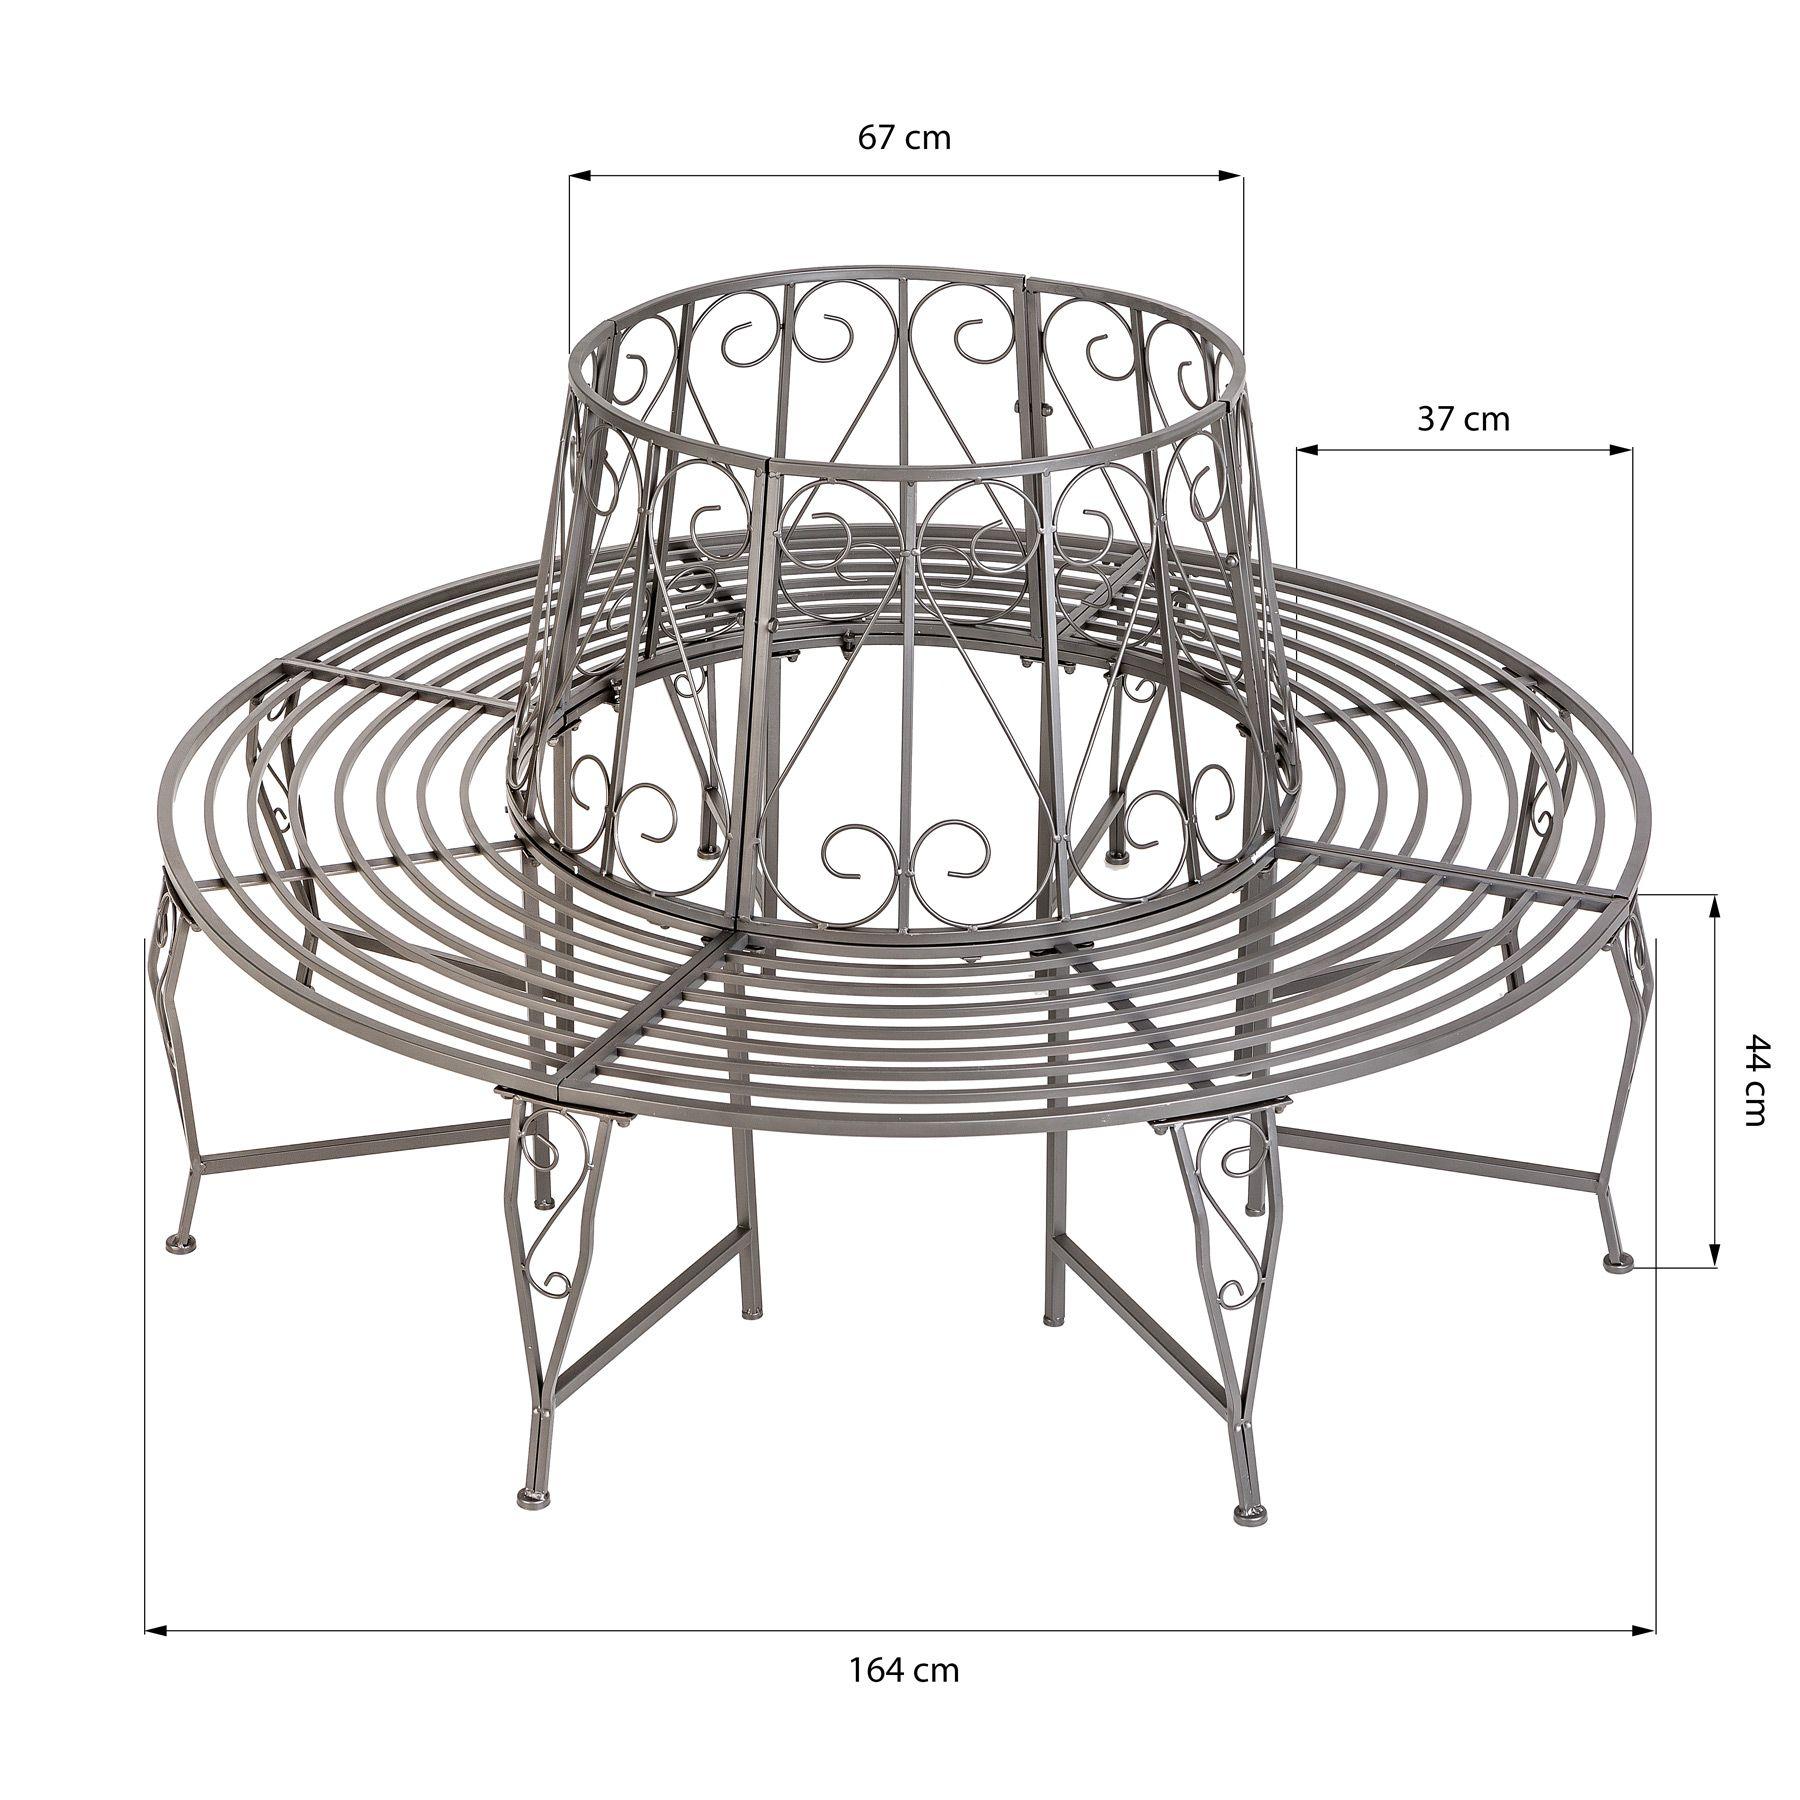 Banc De Jardin Pour Arbre 360 Rond 164cm Circulaire Ancien Métal